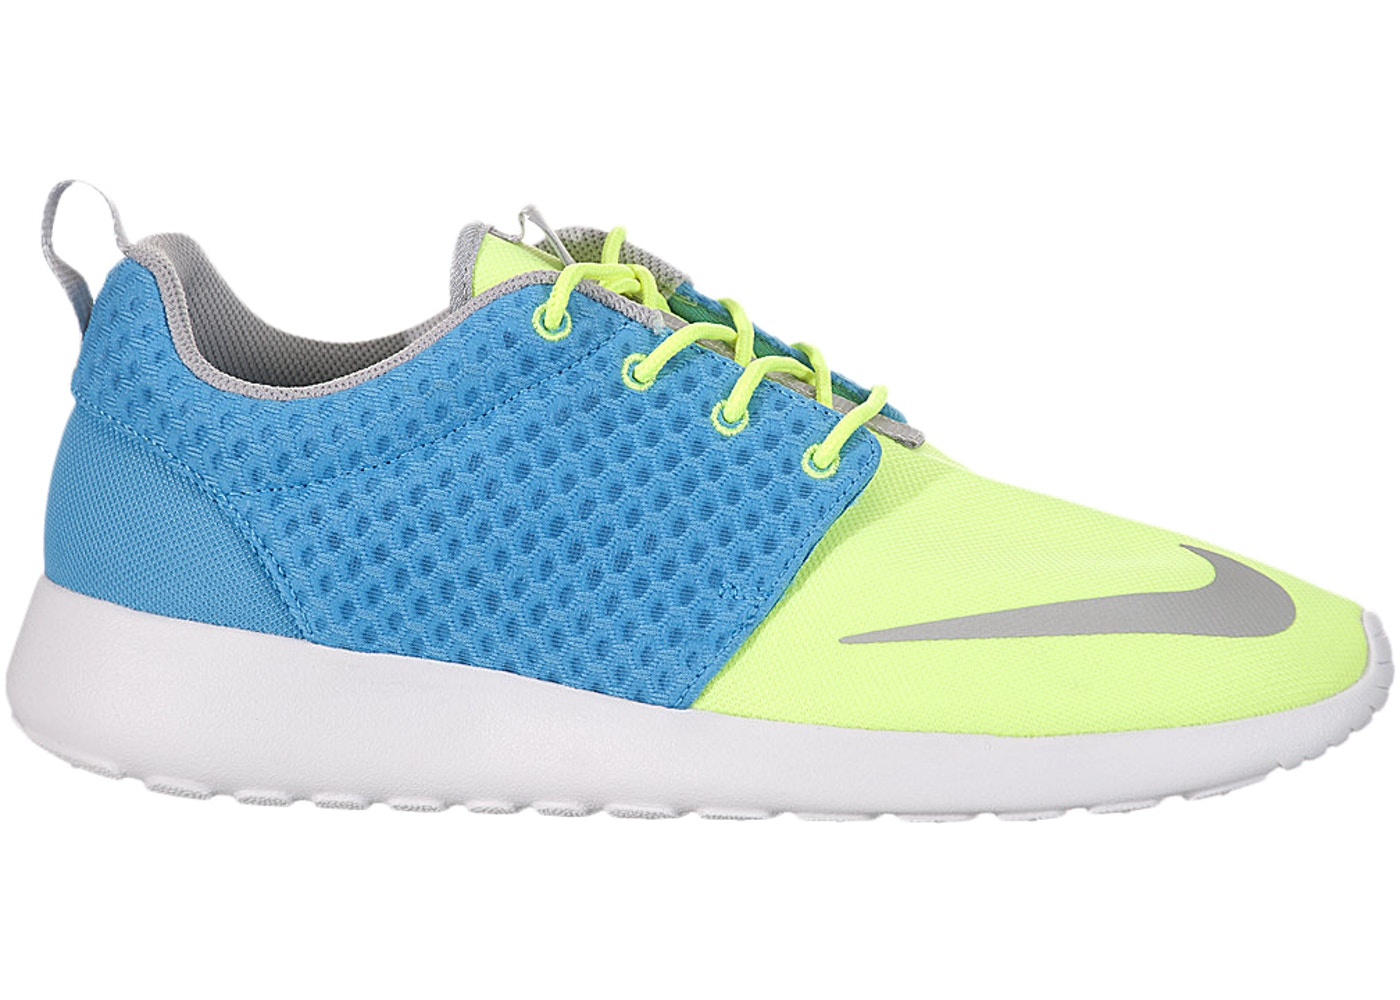 695eab92c8c3 Nike Roshe Run FB Current Blue - 580573-401